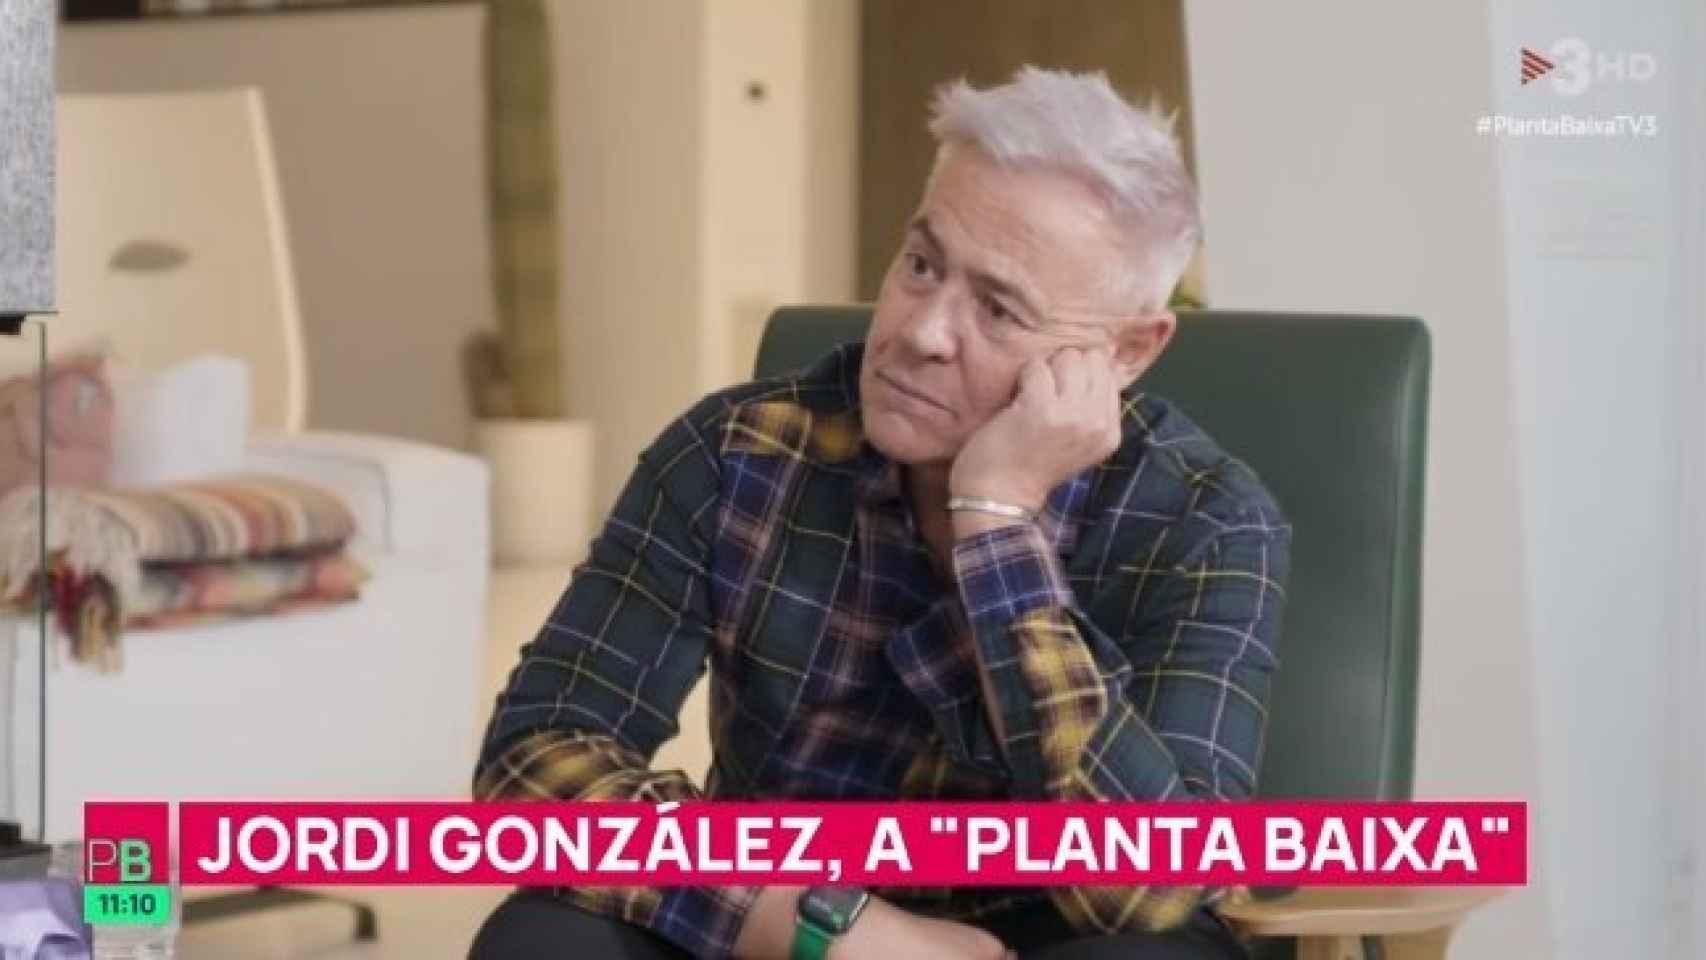 Jordi González también ha asegurado que tiene un don para detectar embarazos.